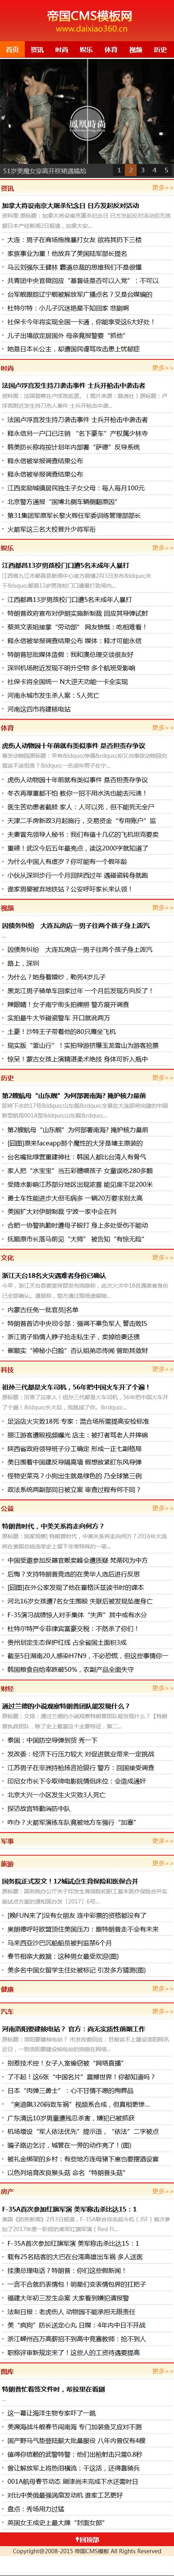 帝国cms wap手机模板文章资讯模板(可改颜色)_首页模板